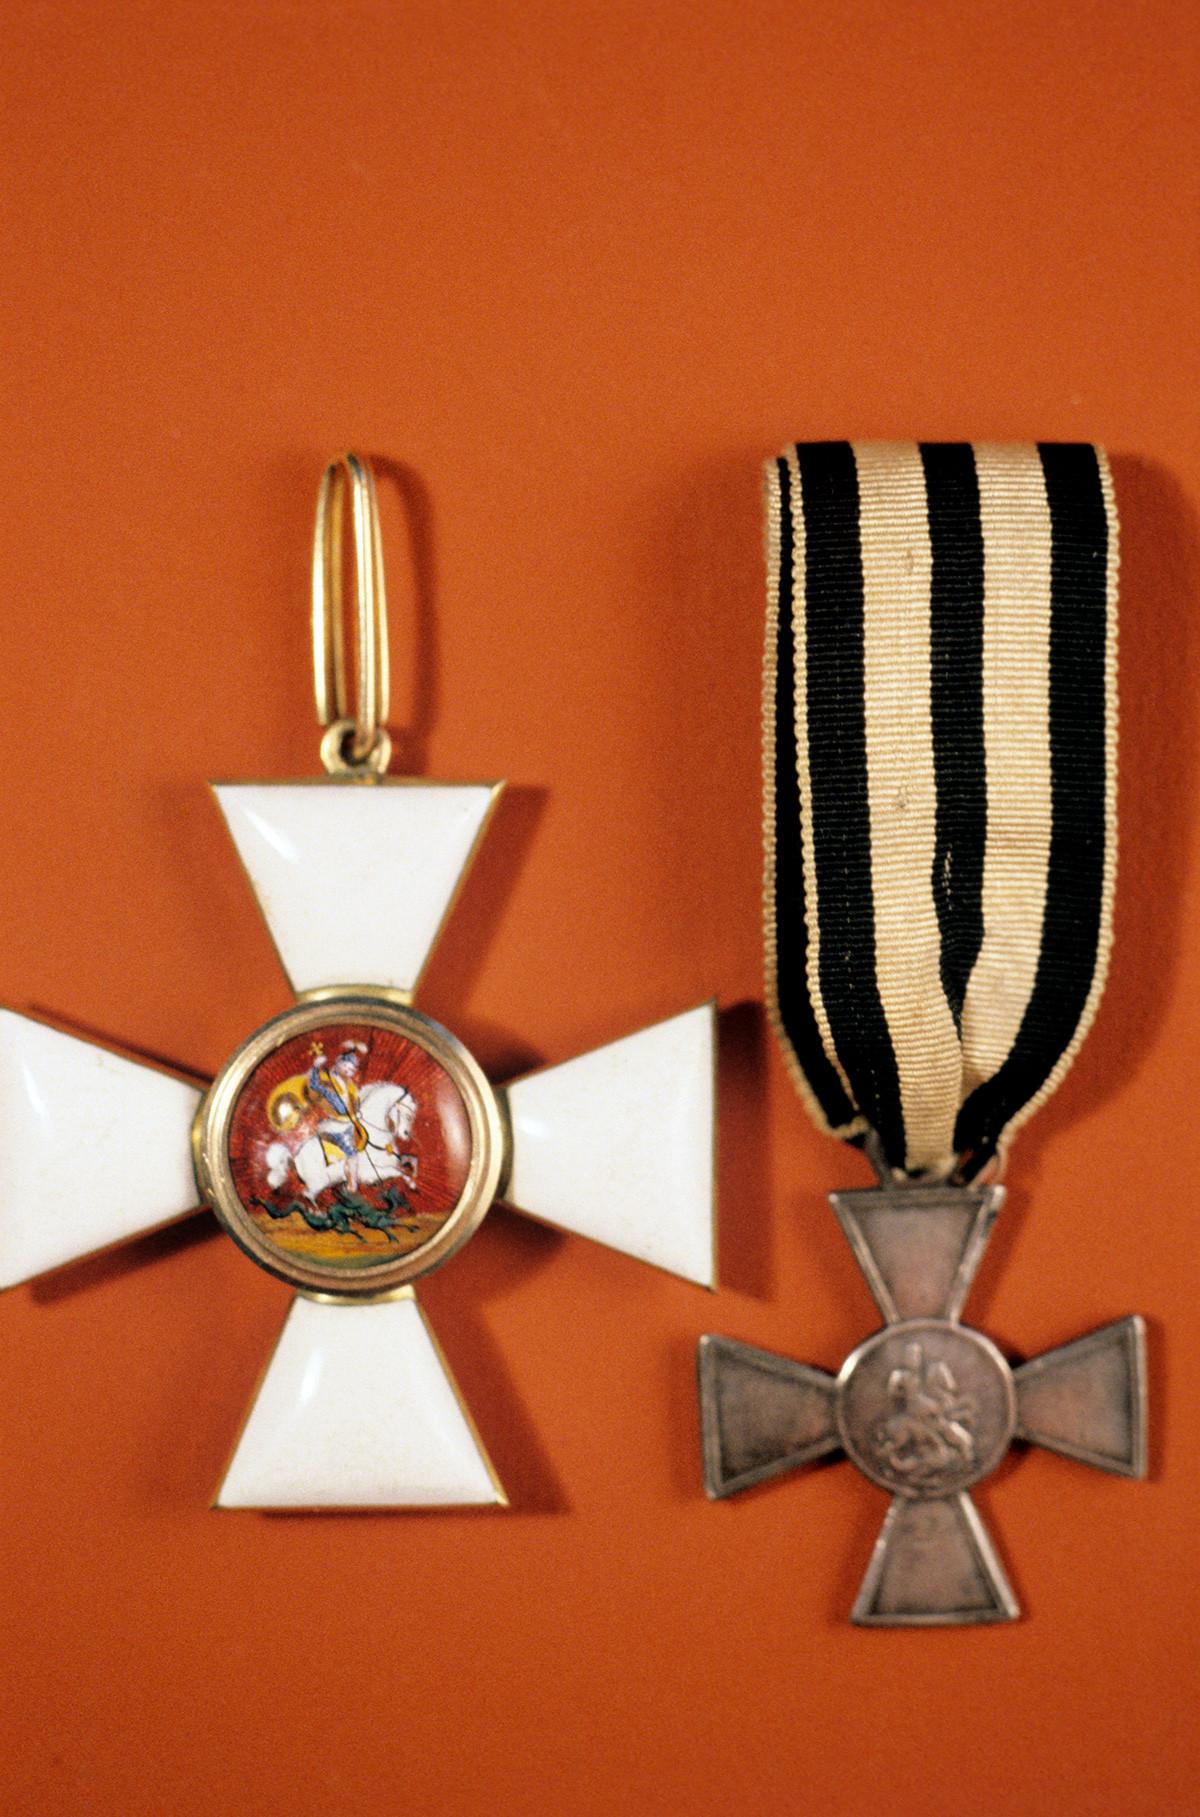 Знак Ордена светог Георгија (лево) који је 1769. године увела императорка Катарина II. Десно је знак Војничког ордена светог Георгија. Уведен је 1807. године за обичне војнике (Георгијевски крст). Колекција ордења и медаља одељења за нумизматику Ермитажа.